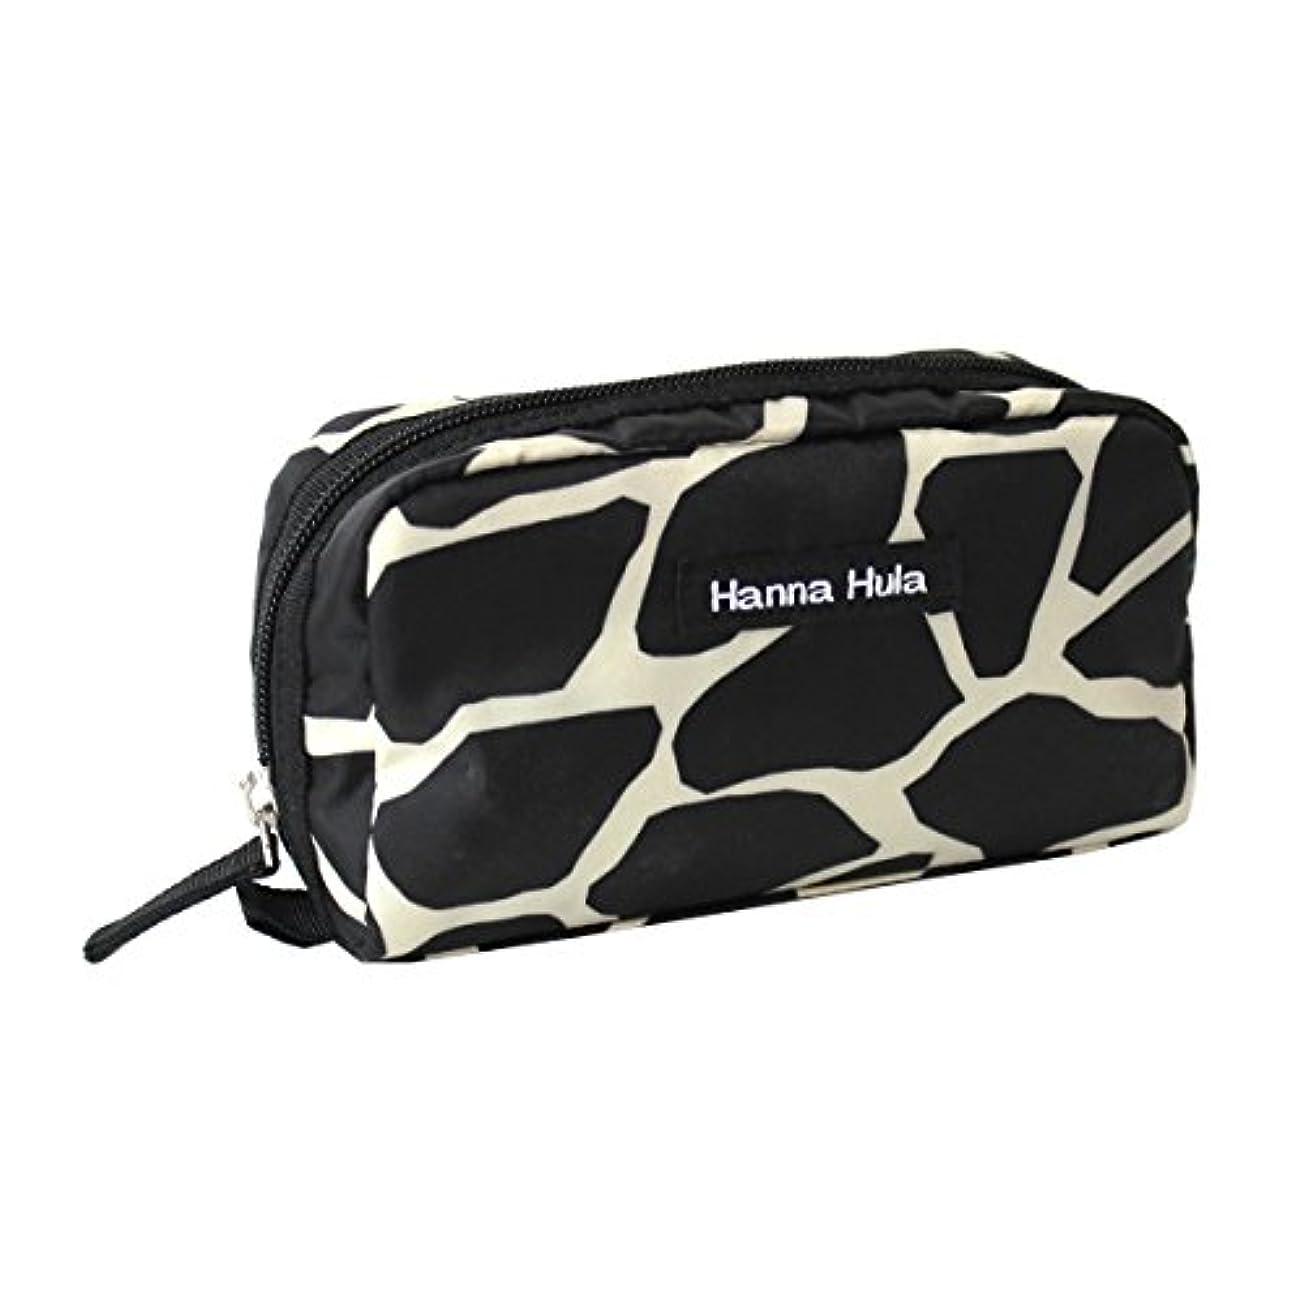 第三実業家公式Hanna Hula ペット ミニポーチ ポケット付き 軽量 ジラフブラック 横17×縦9×奥行き5cm 61g